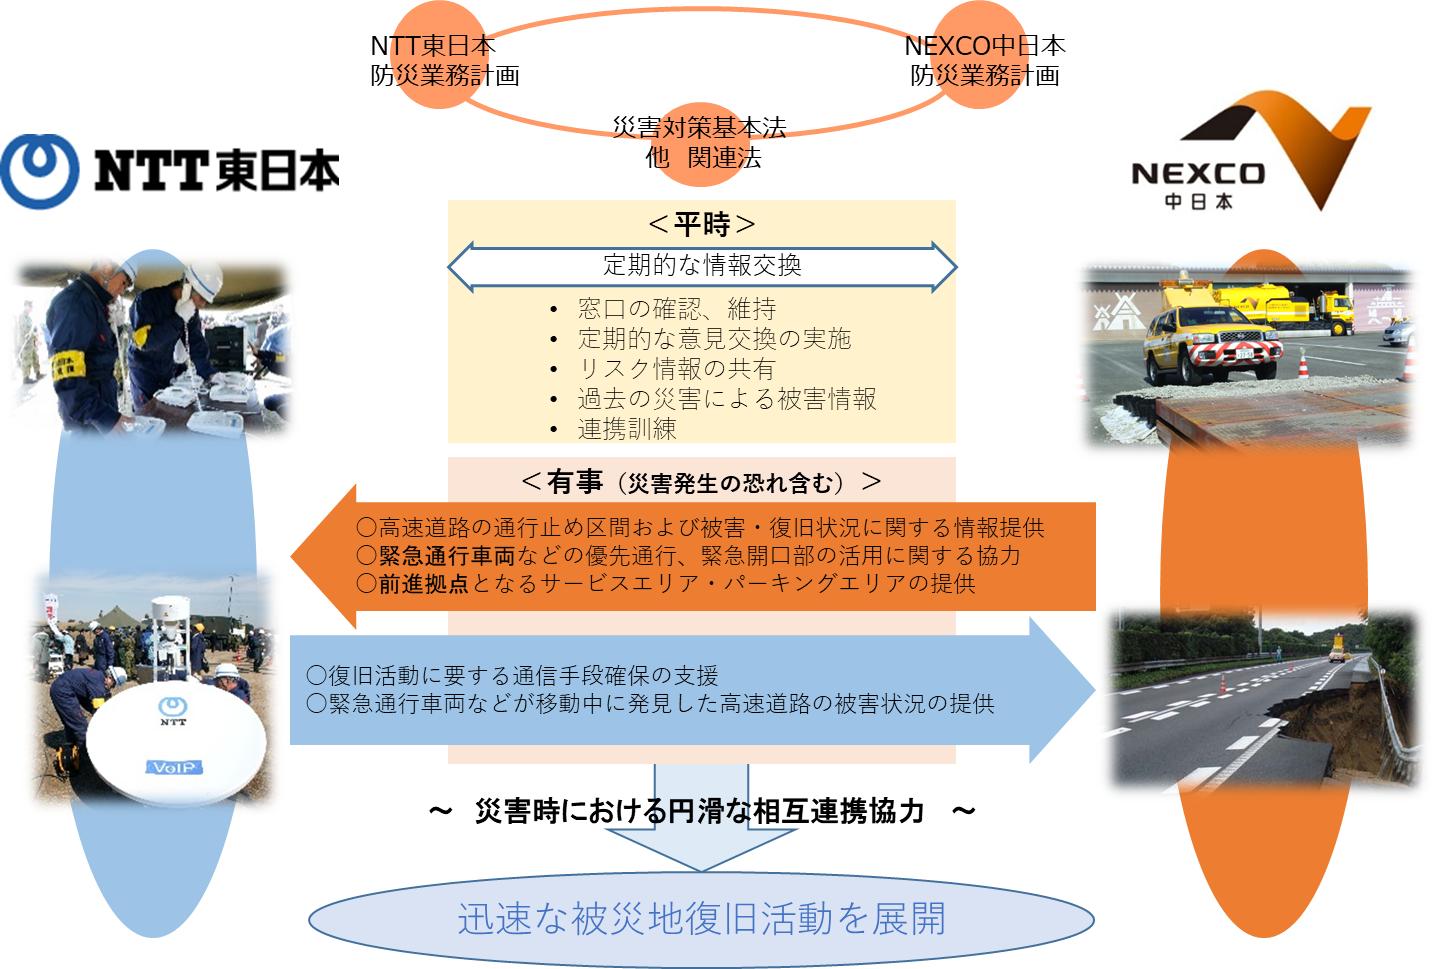 災害時の通信設備早期復旧を目指し協定を締結